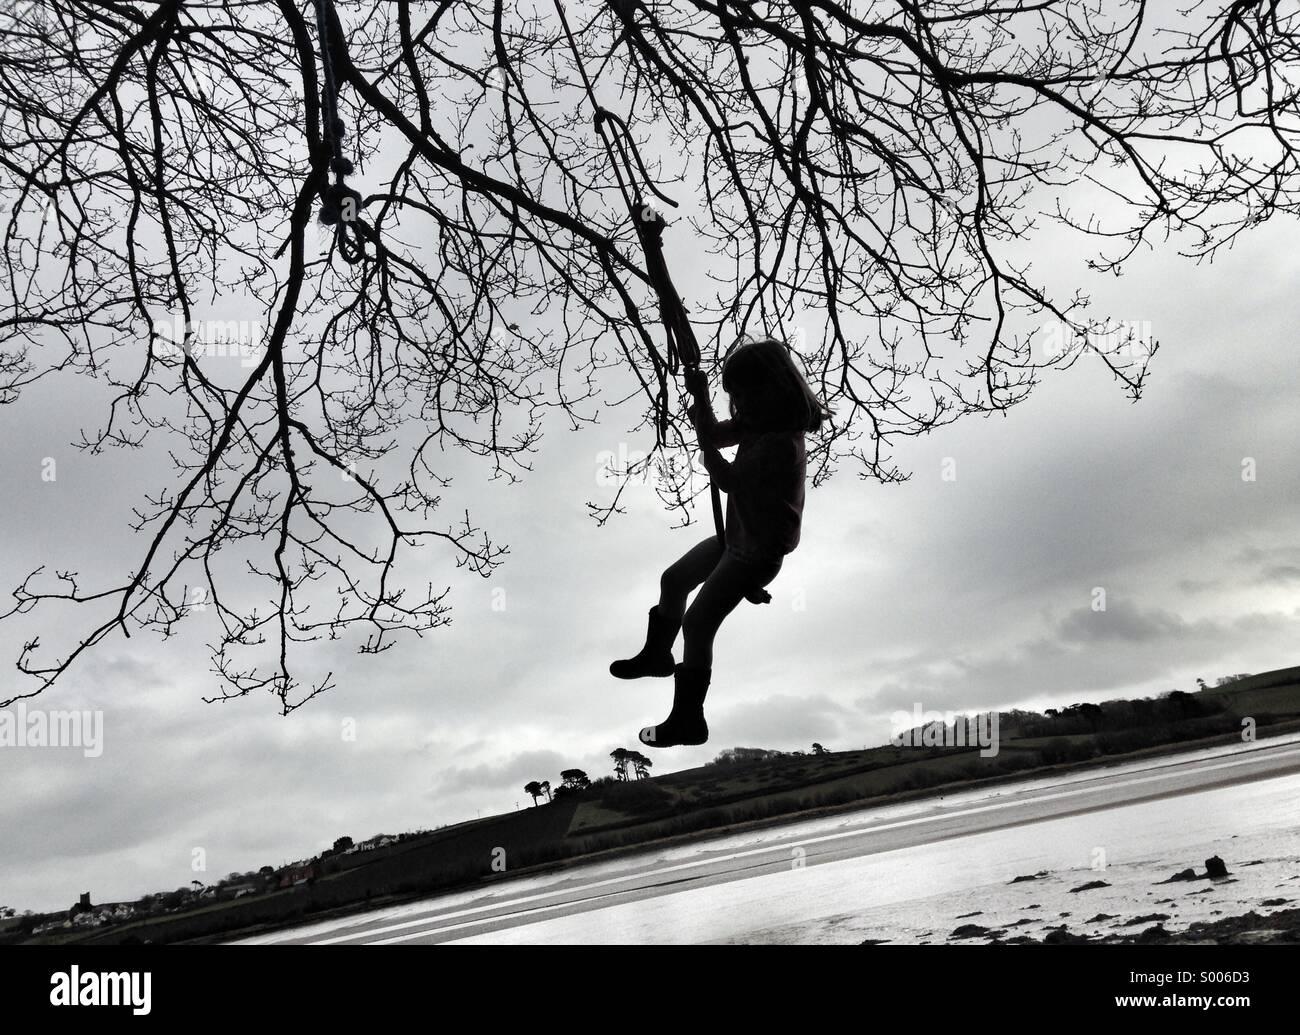 Mädchen Kind Schaukeln am Seil an einem Baum. Abenteuer am Ufer Flusses. Stockbild